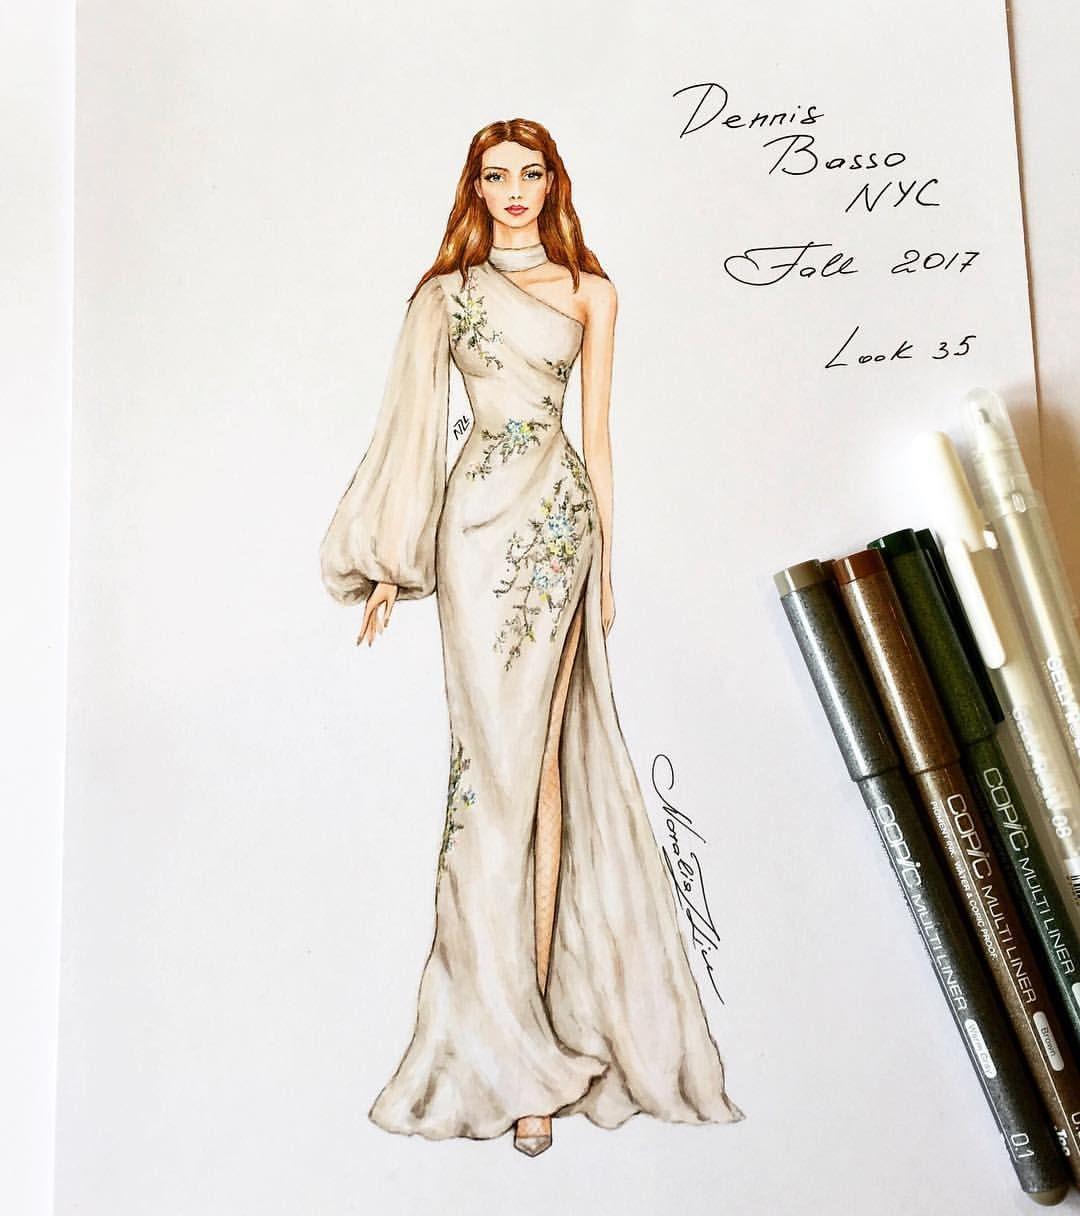 Nataliaz Liu No Instagram Beautiful Dennis Basso Nyc Gown Dennisbassonyc Handdrawn S Fashion Illustration Dresses Fashion Design Sketches Fashion Design